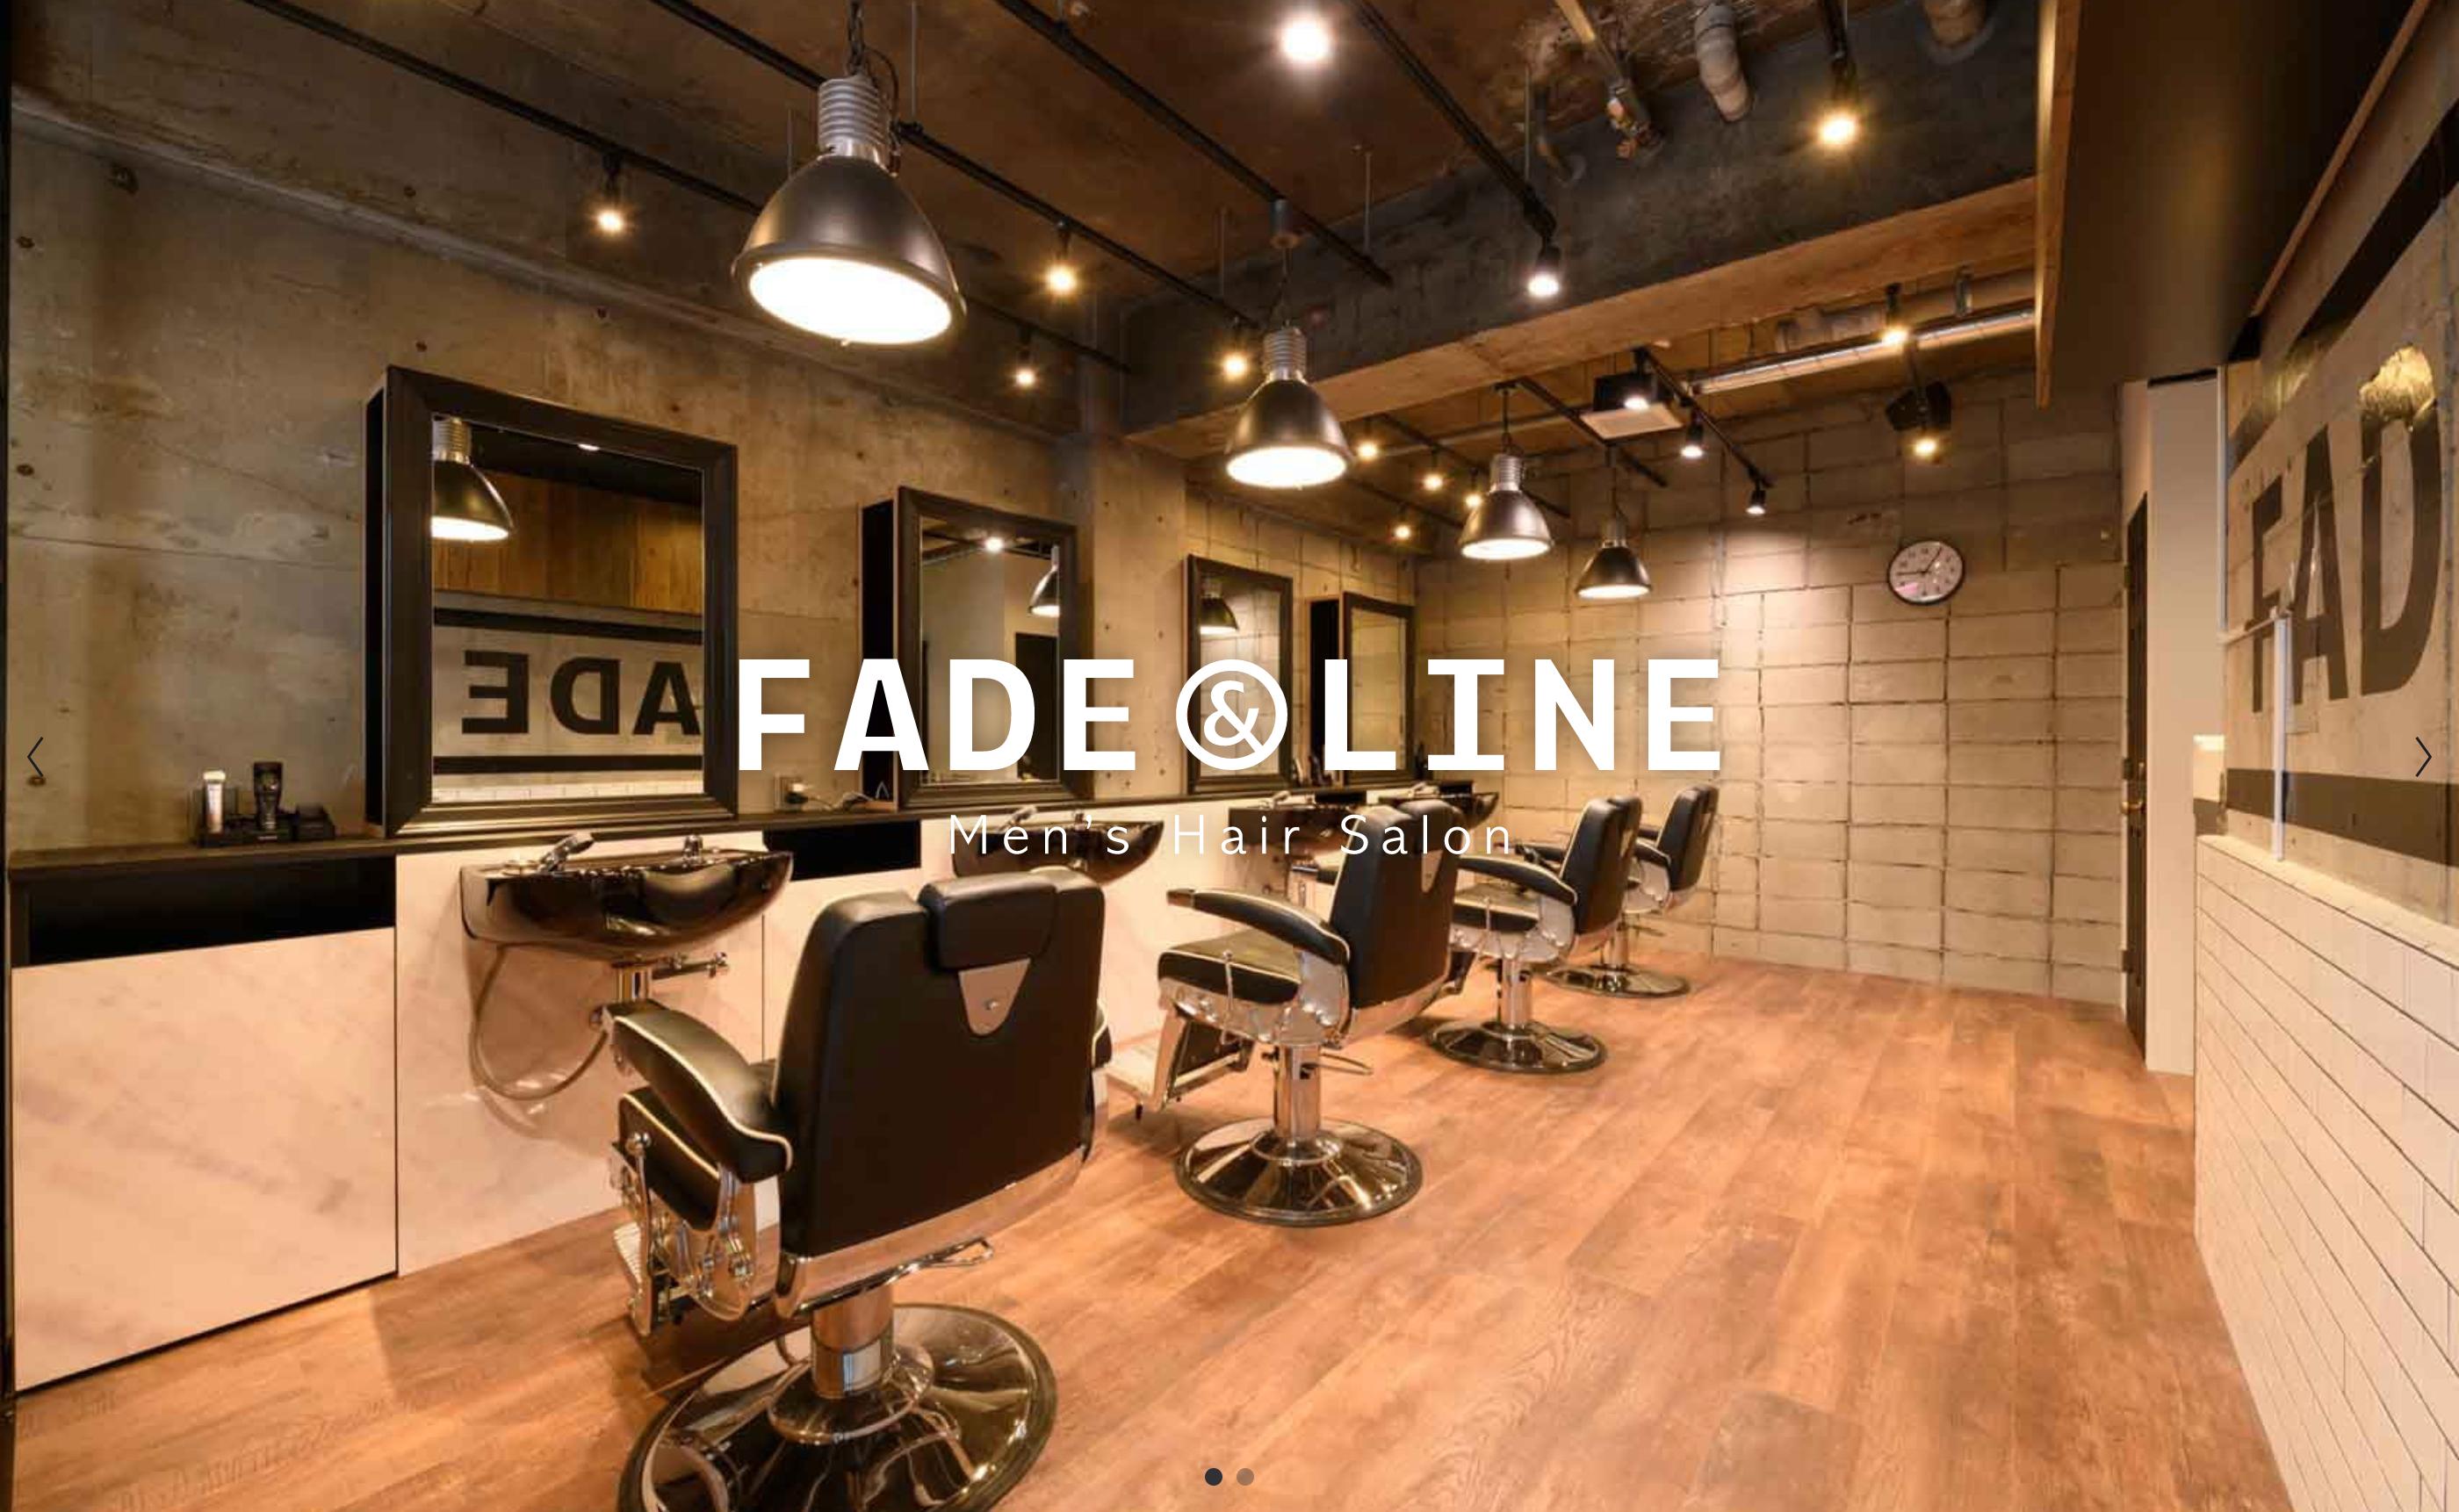 FADE & LINE オフィシャルウェブサイトを公開しました